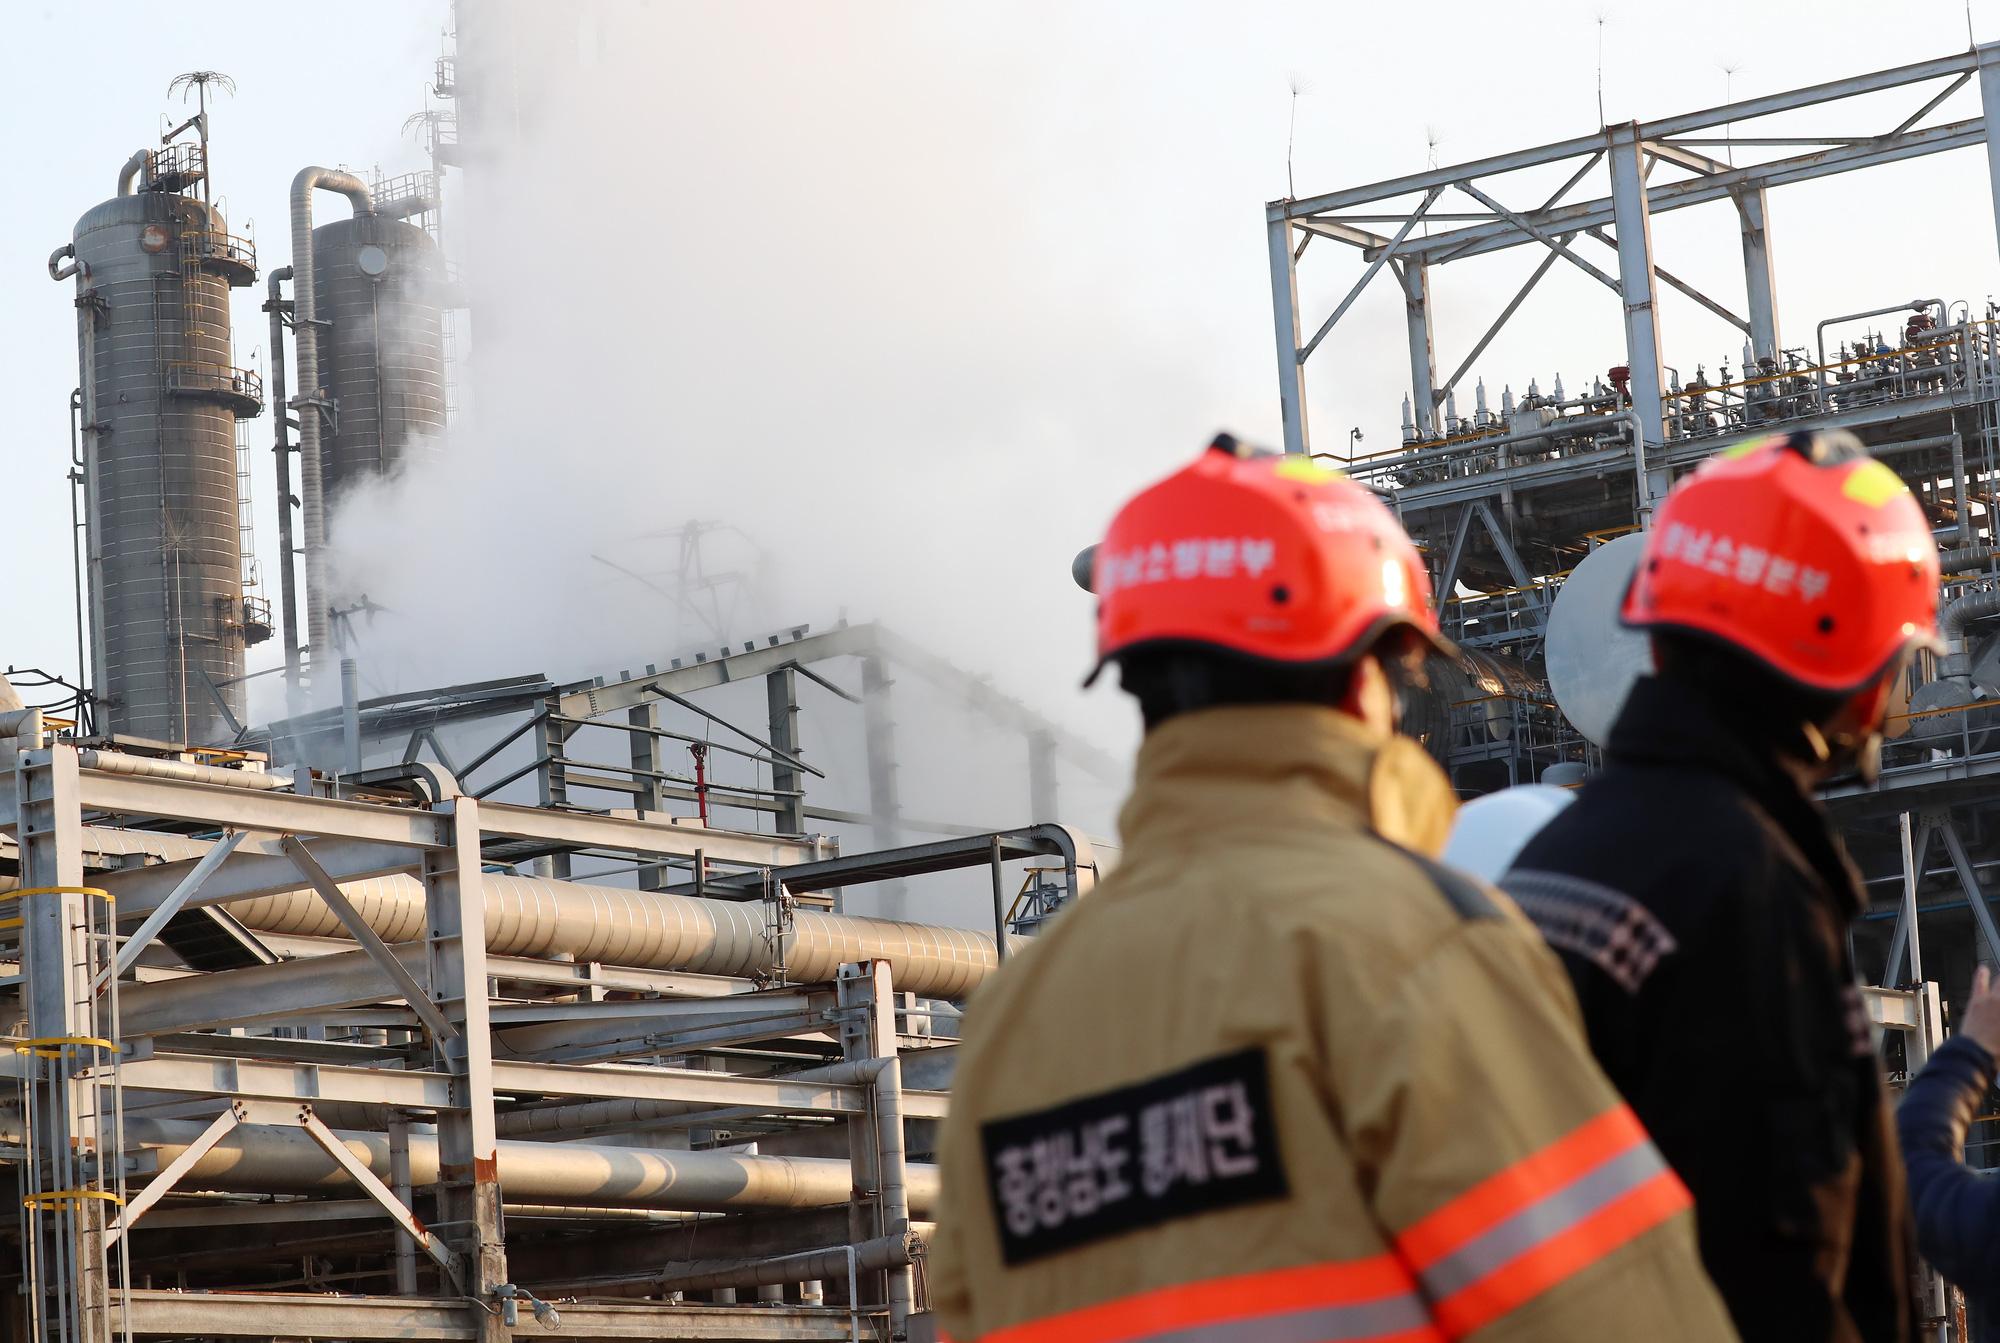 Hàn Quốc: vụ nổ kèm cháy lớn ở nhà máy Lotte Chemical khiến 56 người bị thương - Ảnh 3.